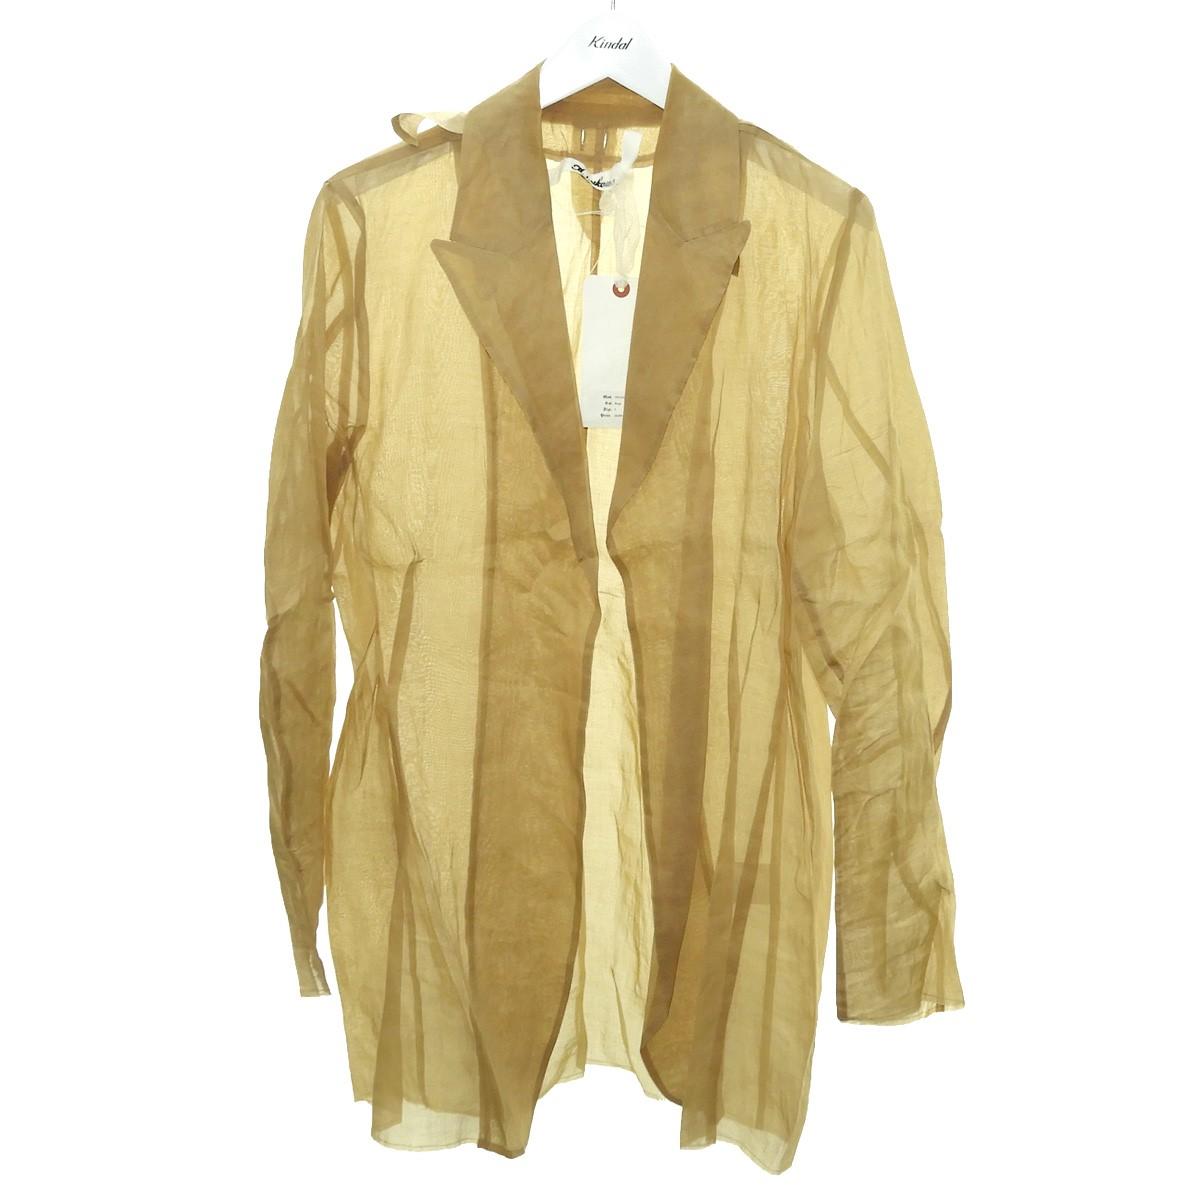 【中古】Midorikawa 2020SS 「See-through Jacket」シースルージャケット ベージュ サイズ:S 【090820】(ミドリカワ)